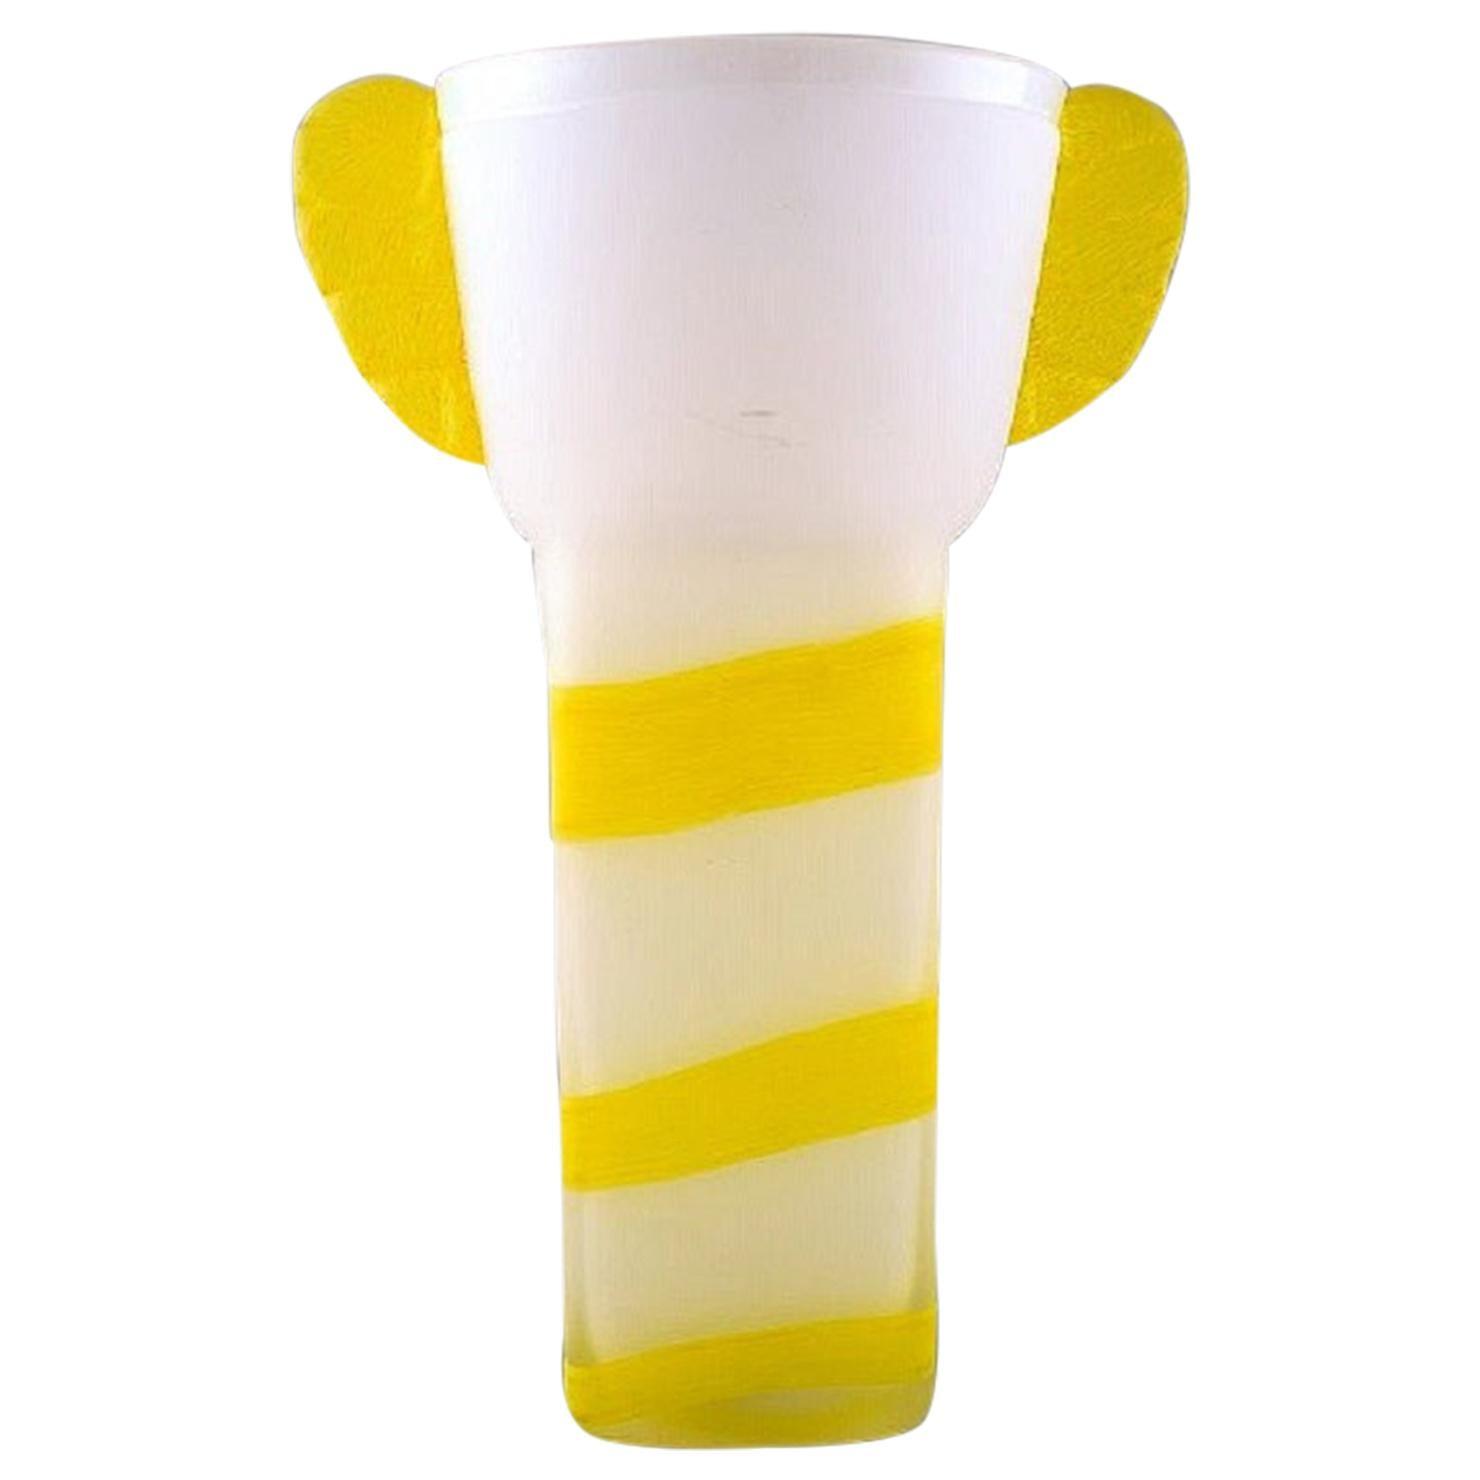 Ulrica Hydman Vallien for Kosta Boda, Unique Vase in Mouth-Blown Art Glass